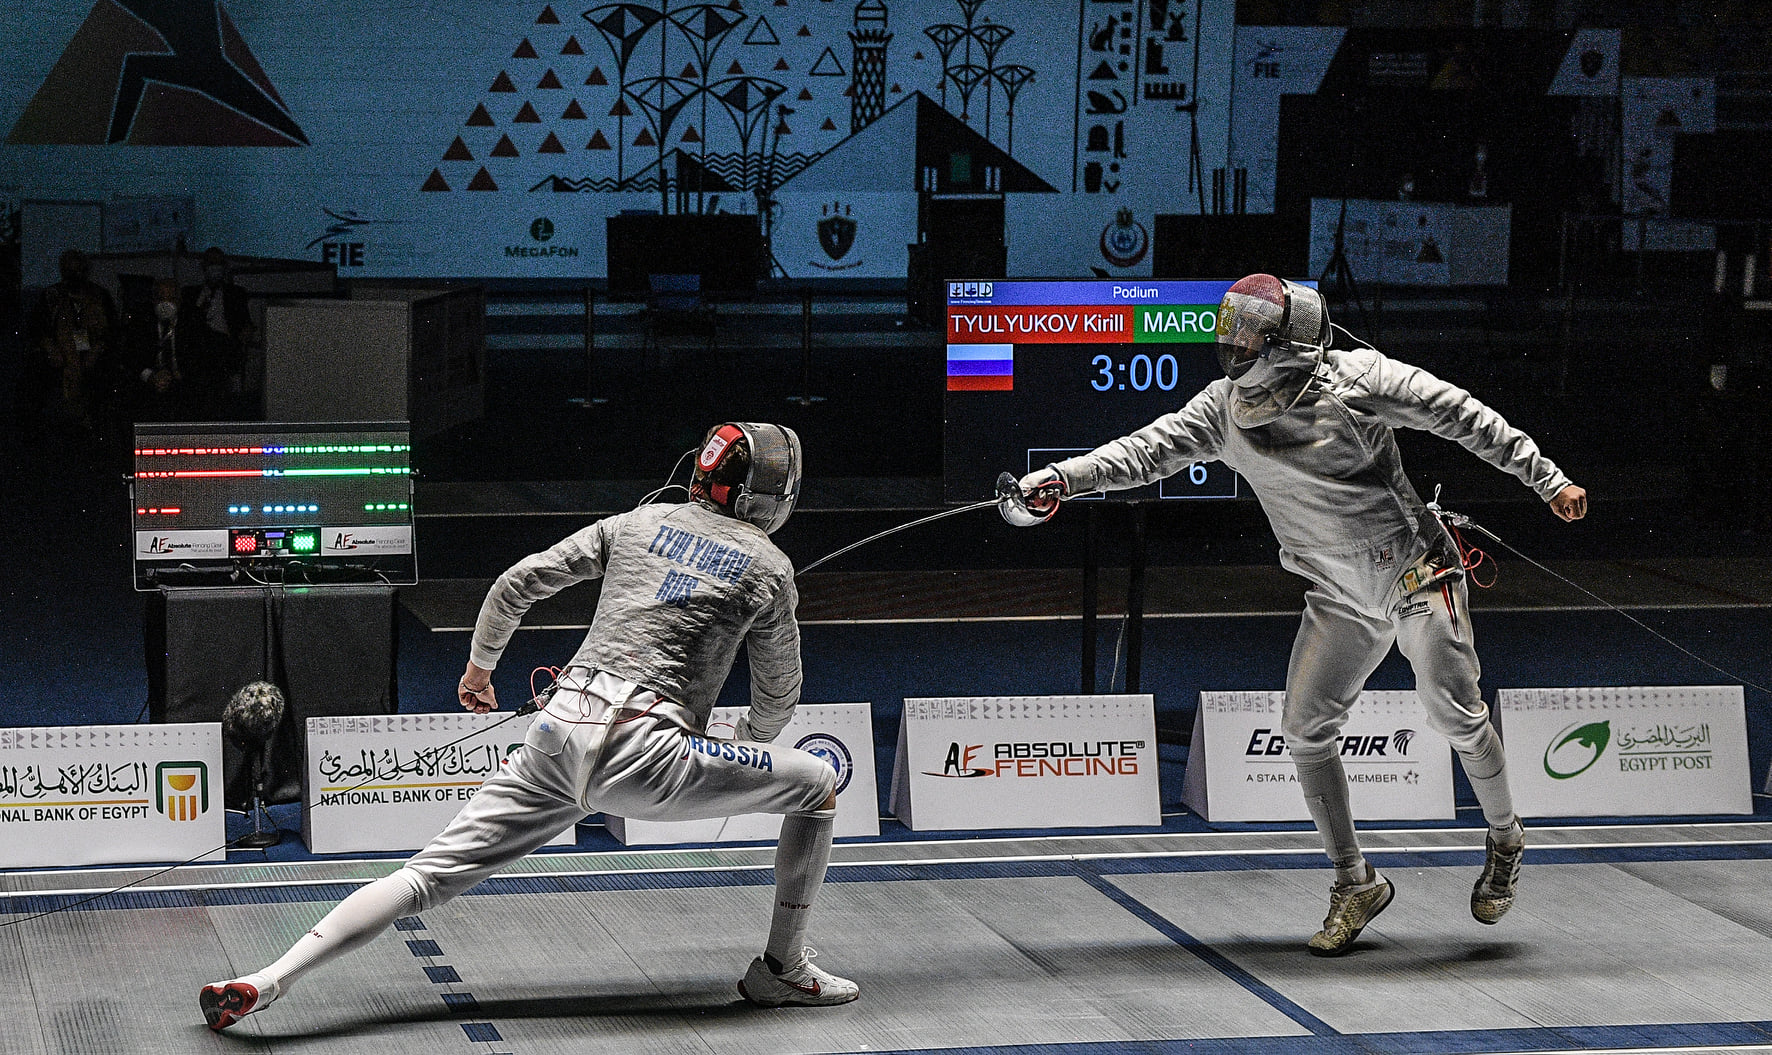 Na Esgrima, Egito e Rússia disputam mundial juvenil de sabre